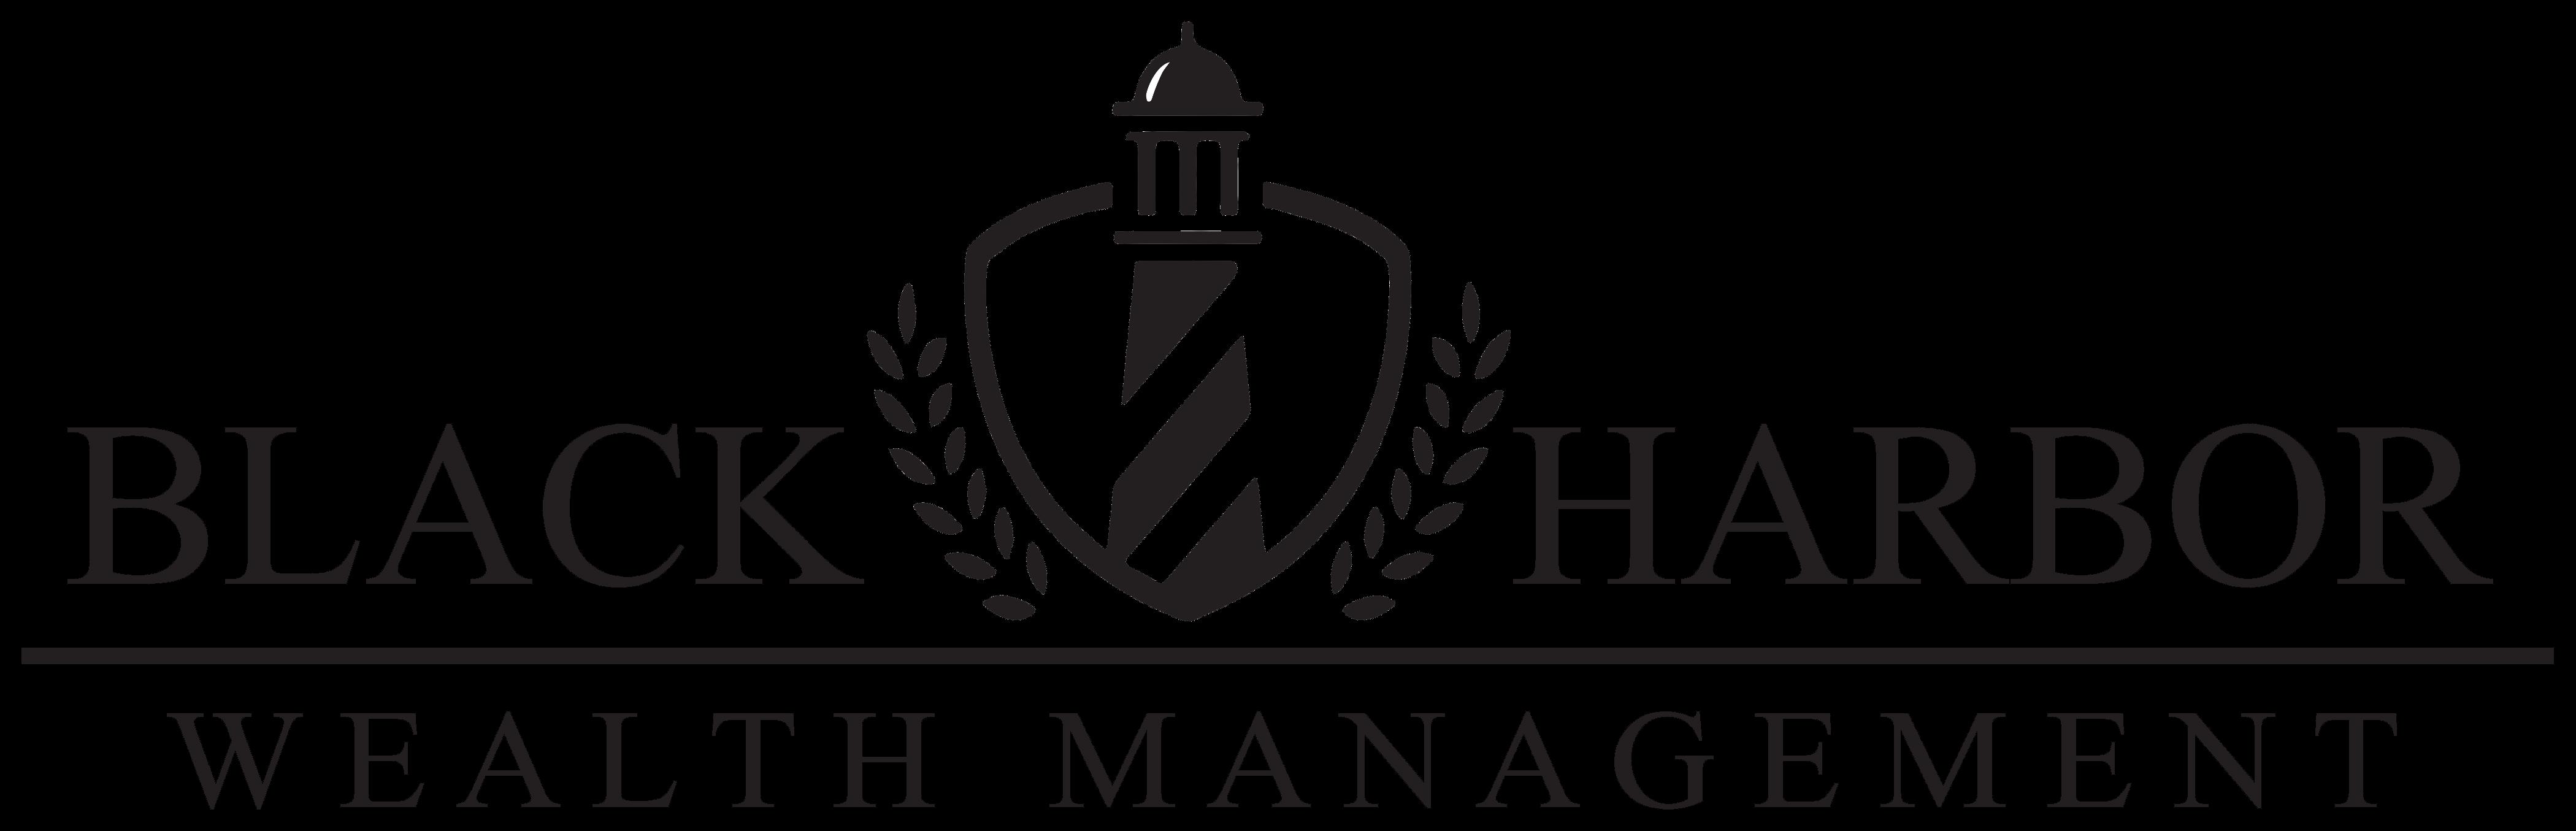 Black Harbor Wealth Management